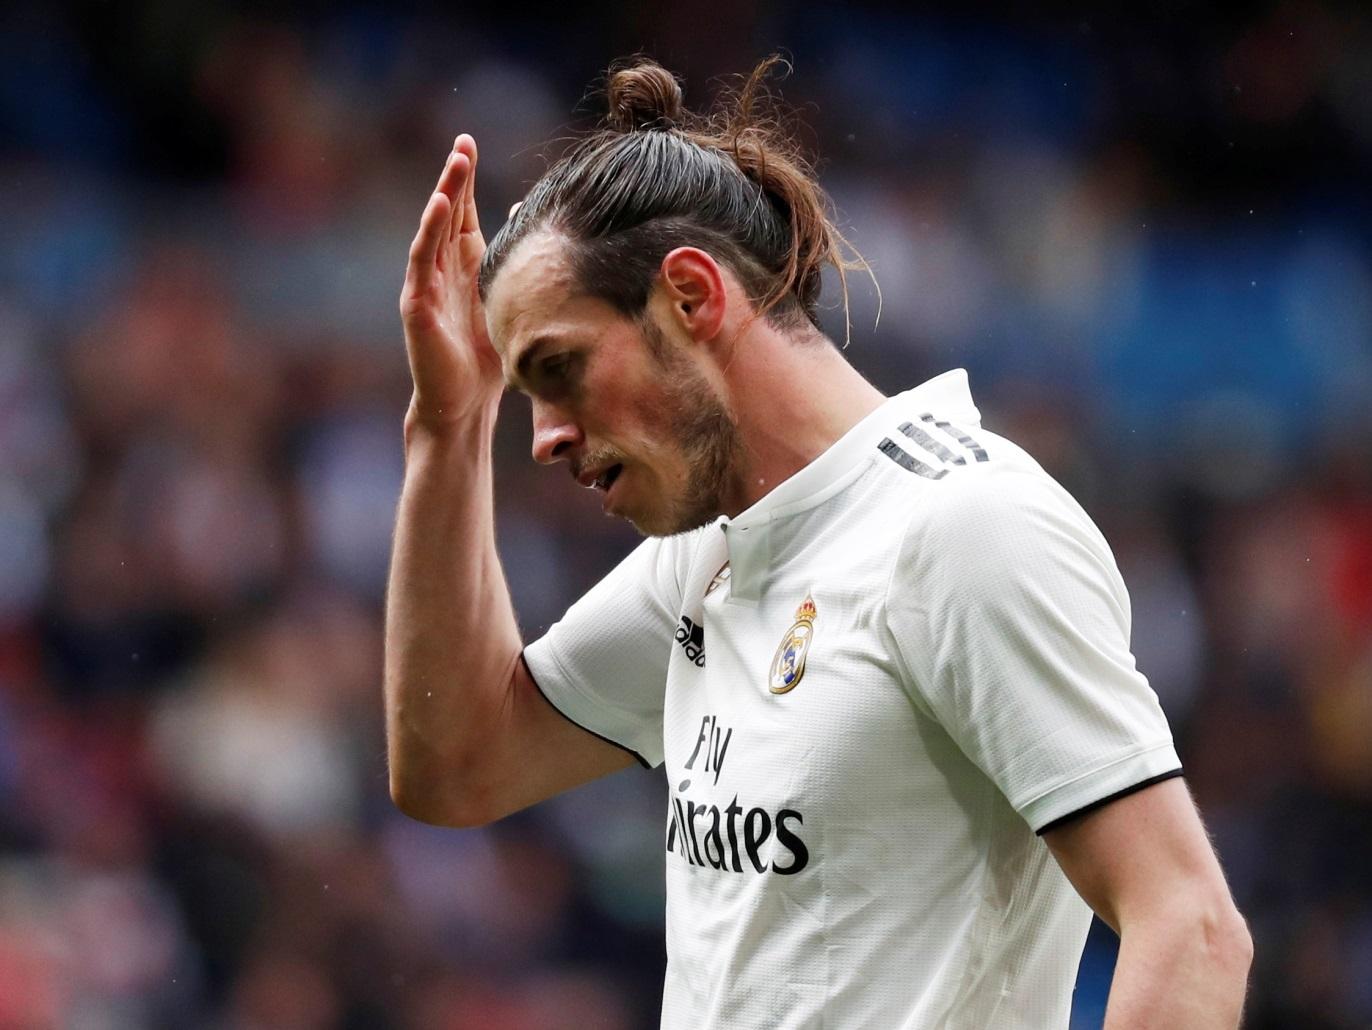 مهاجم ريال مدريد من اصل عربي